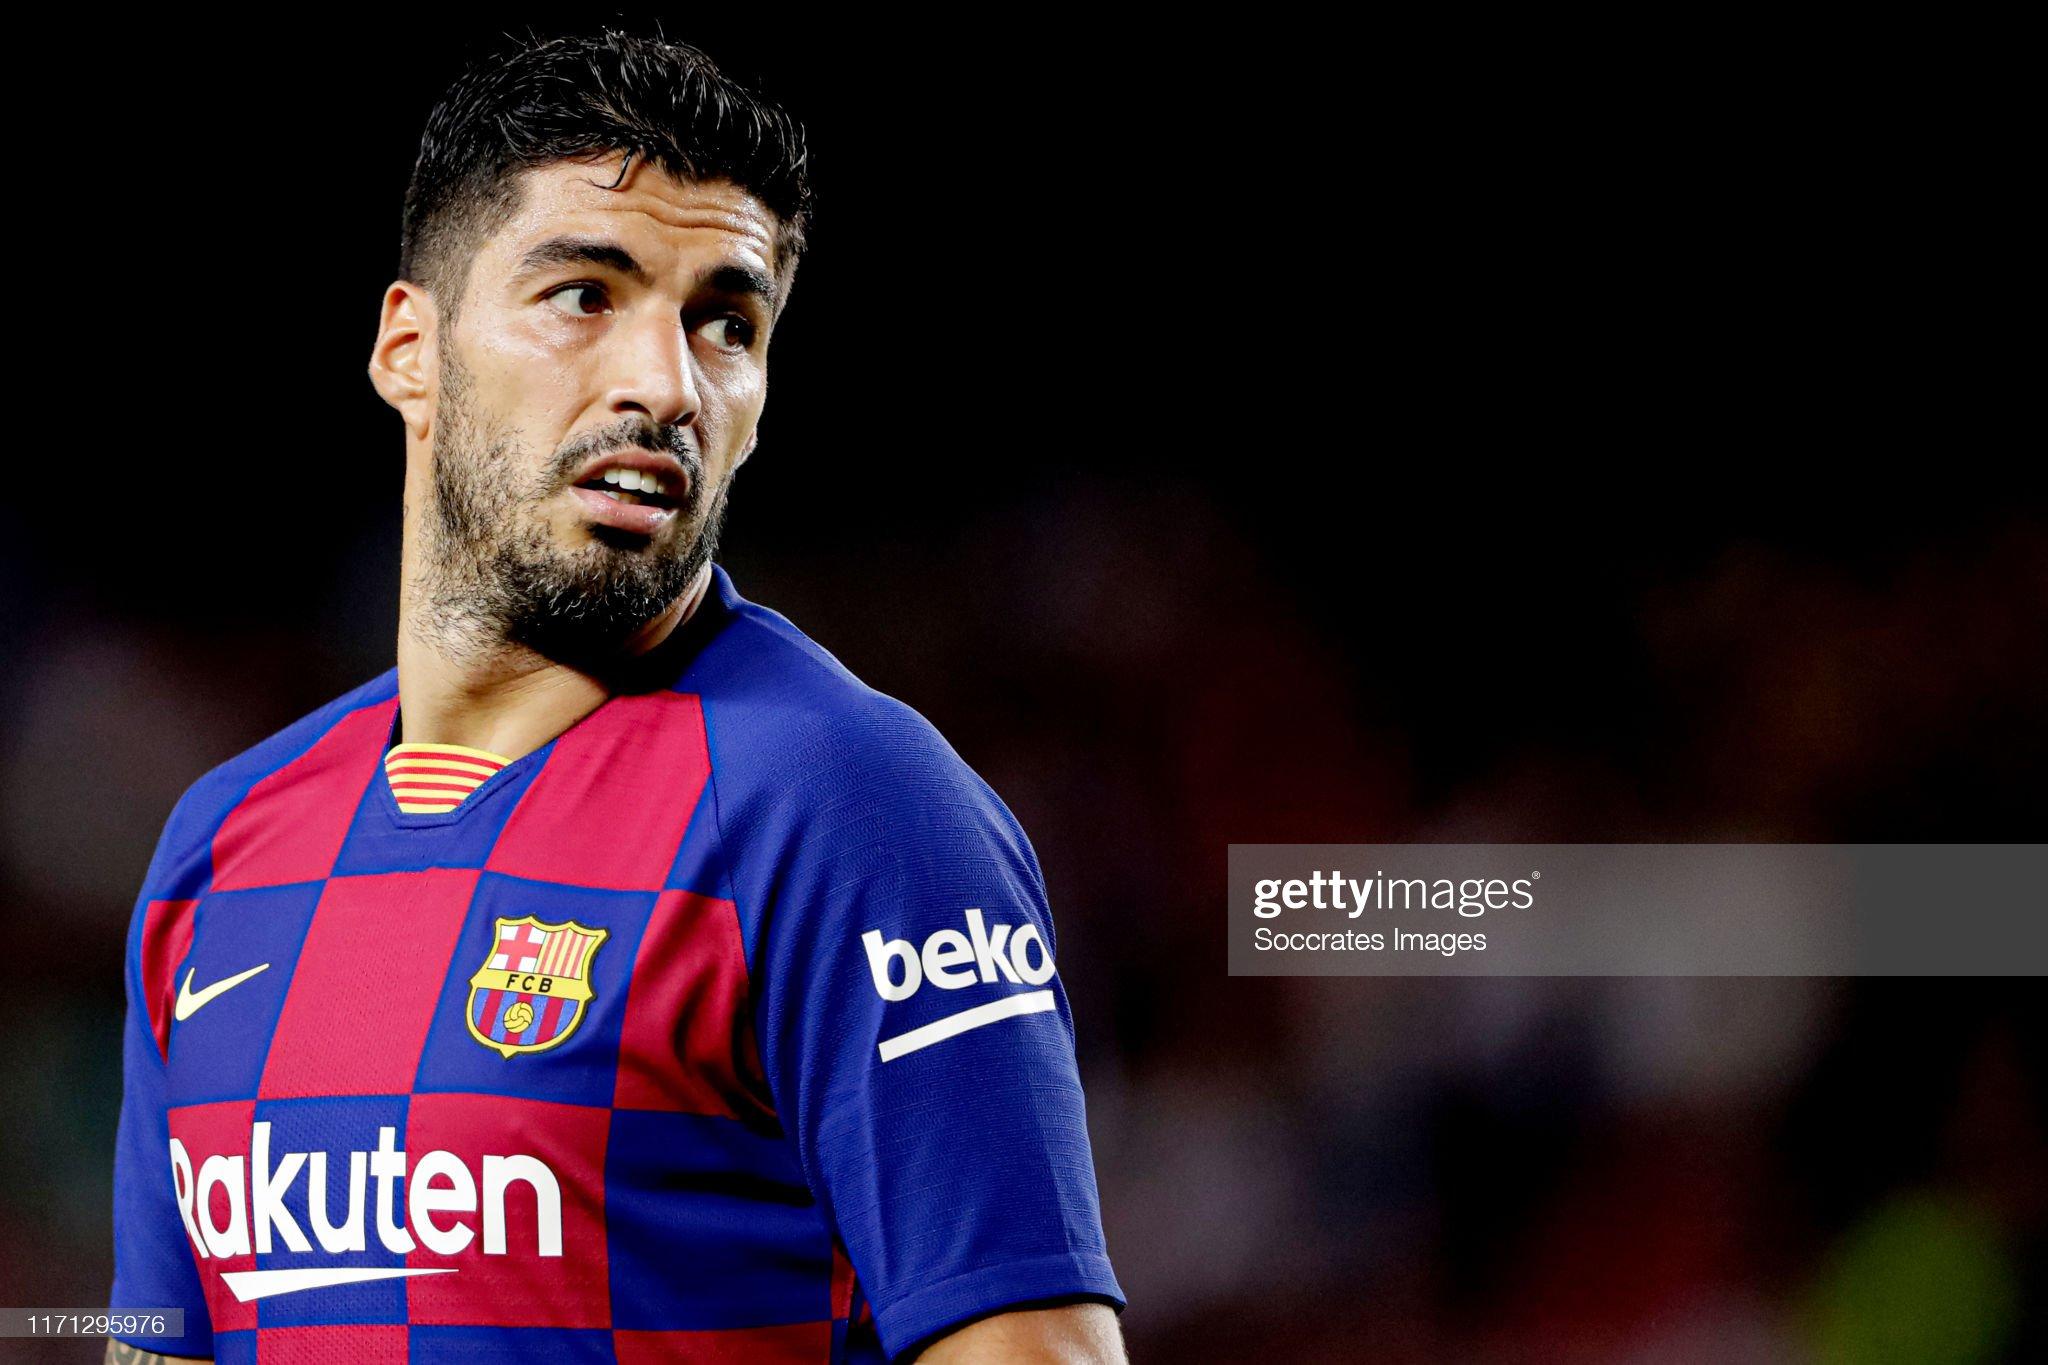 صور مباراة : برشلونة - فياريال 2-1 ( 24-09-2019 )  Luis-suarez-of-fc-barcelona-during-the-la-liga-santander-match-fc-v-picture-id1171295976?s=2048x2048